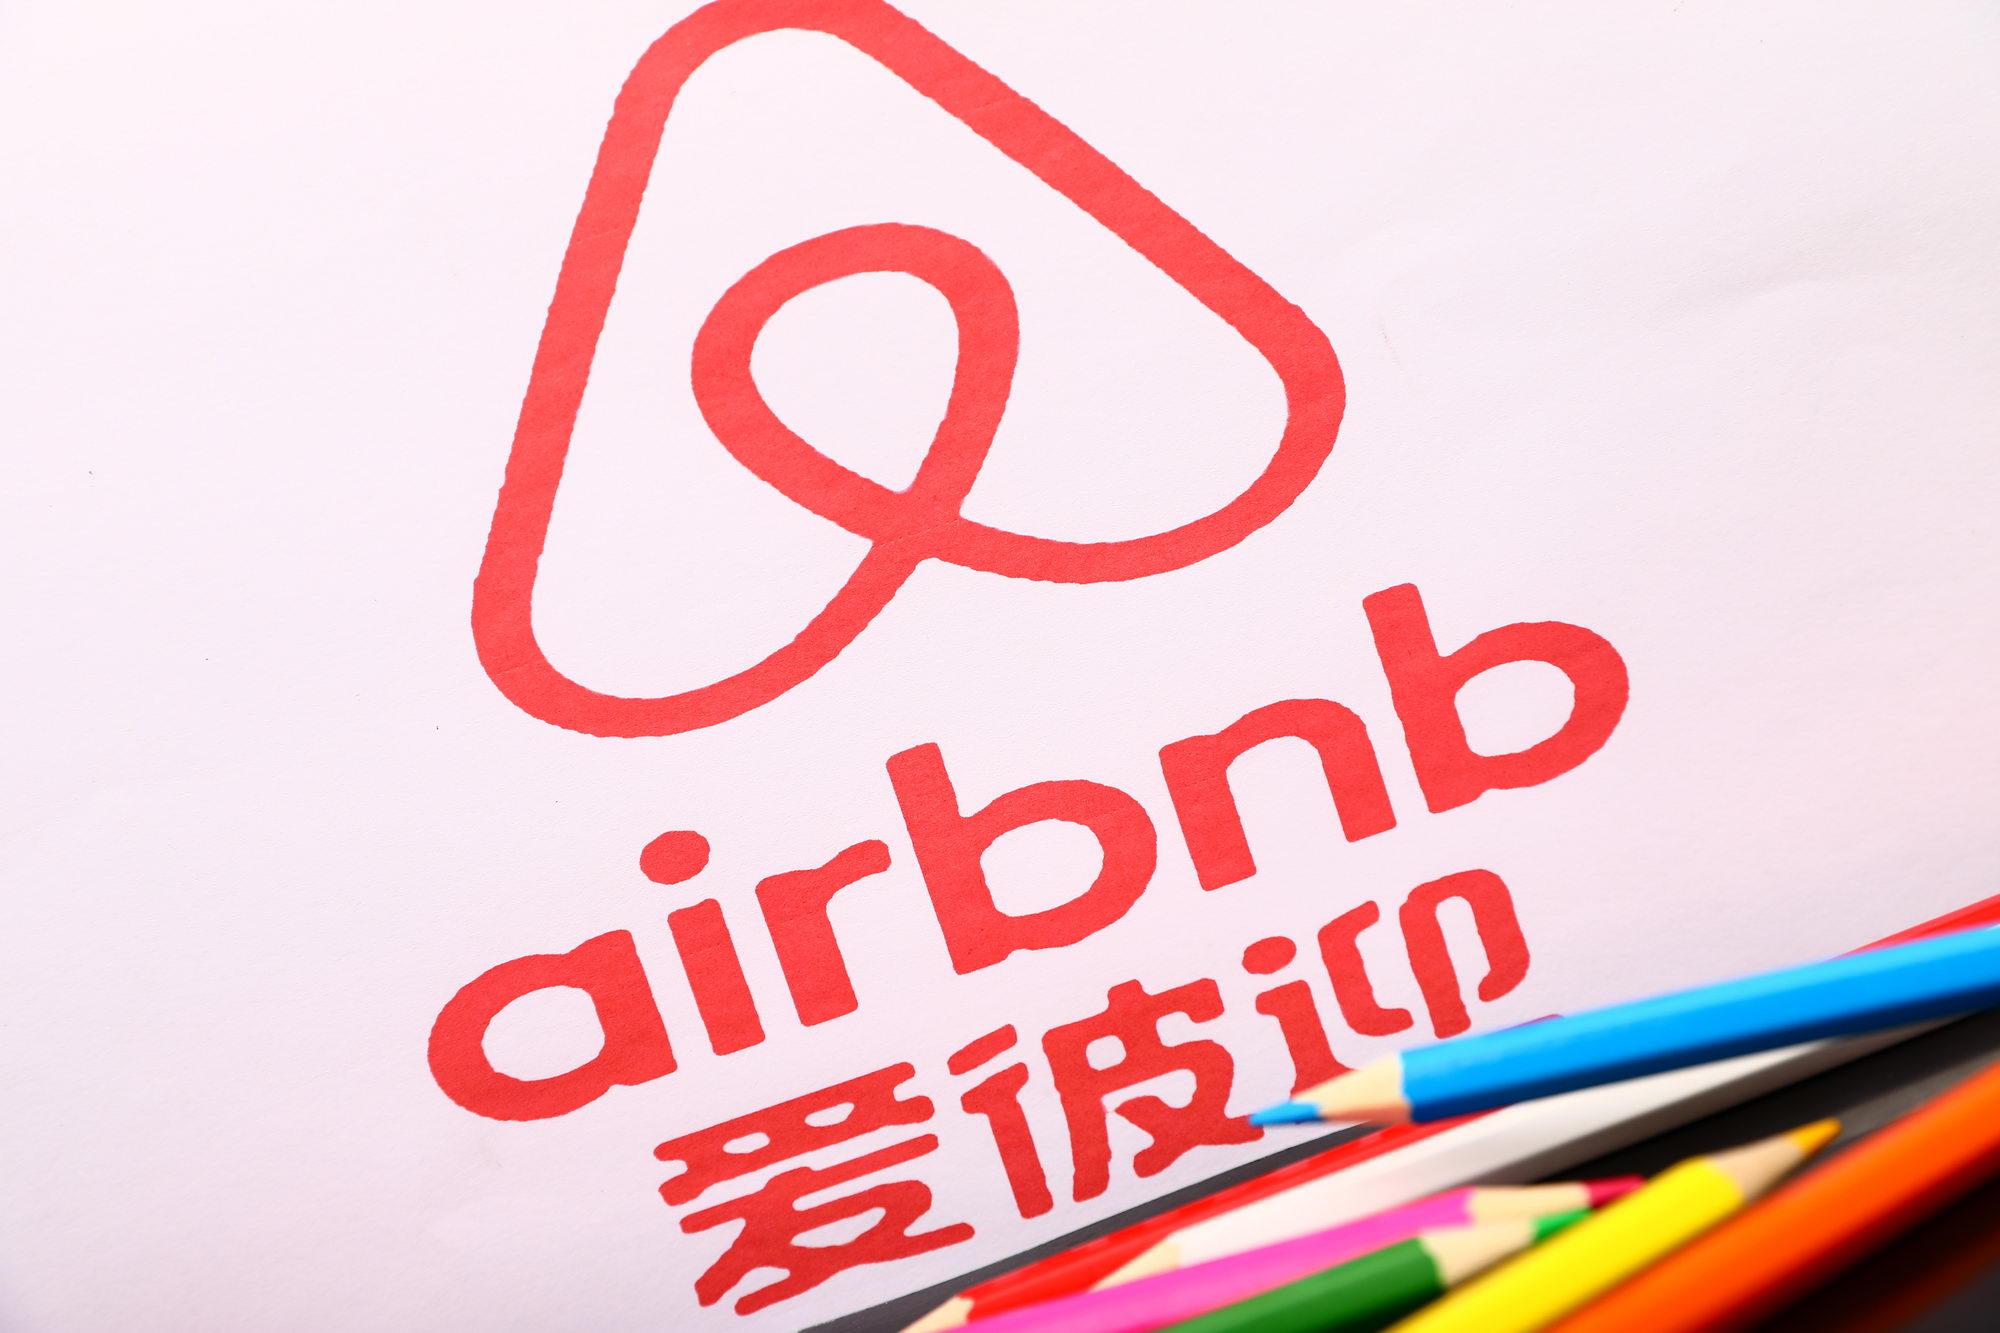 欧亿平台登录注册Airbnb:将发行20亿美元可转换债券 用于偿债